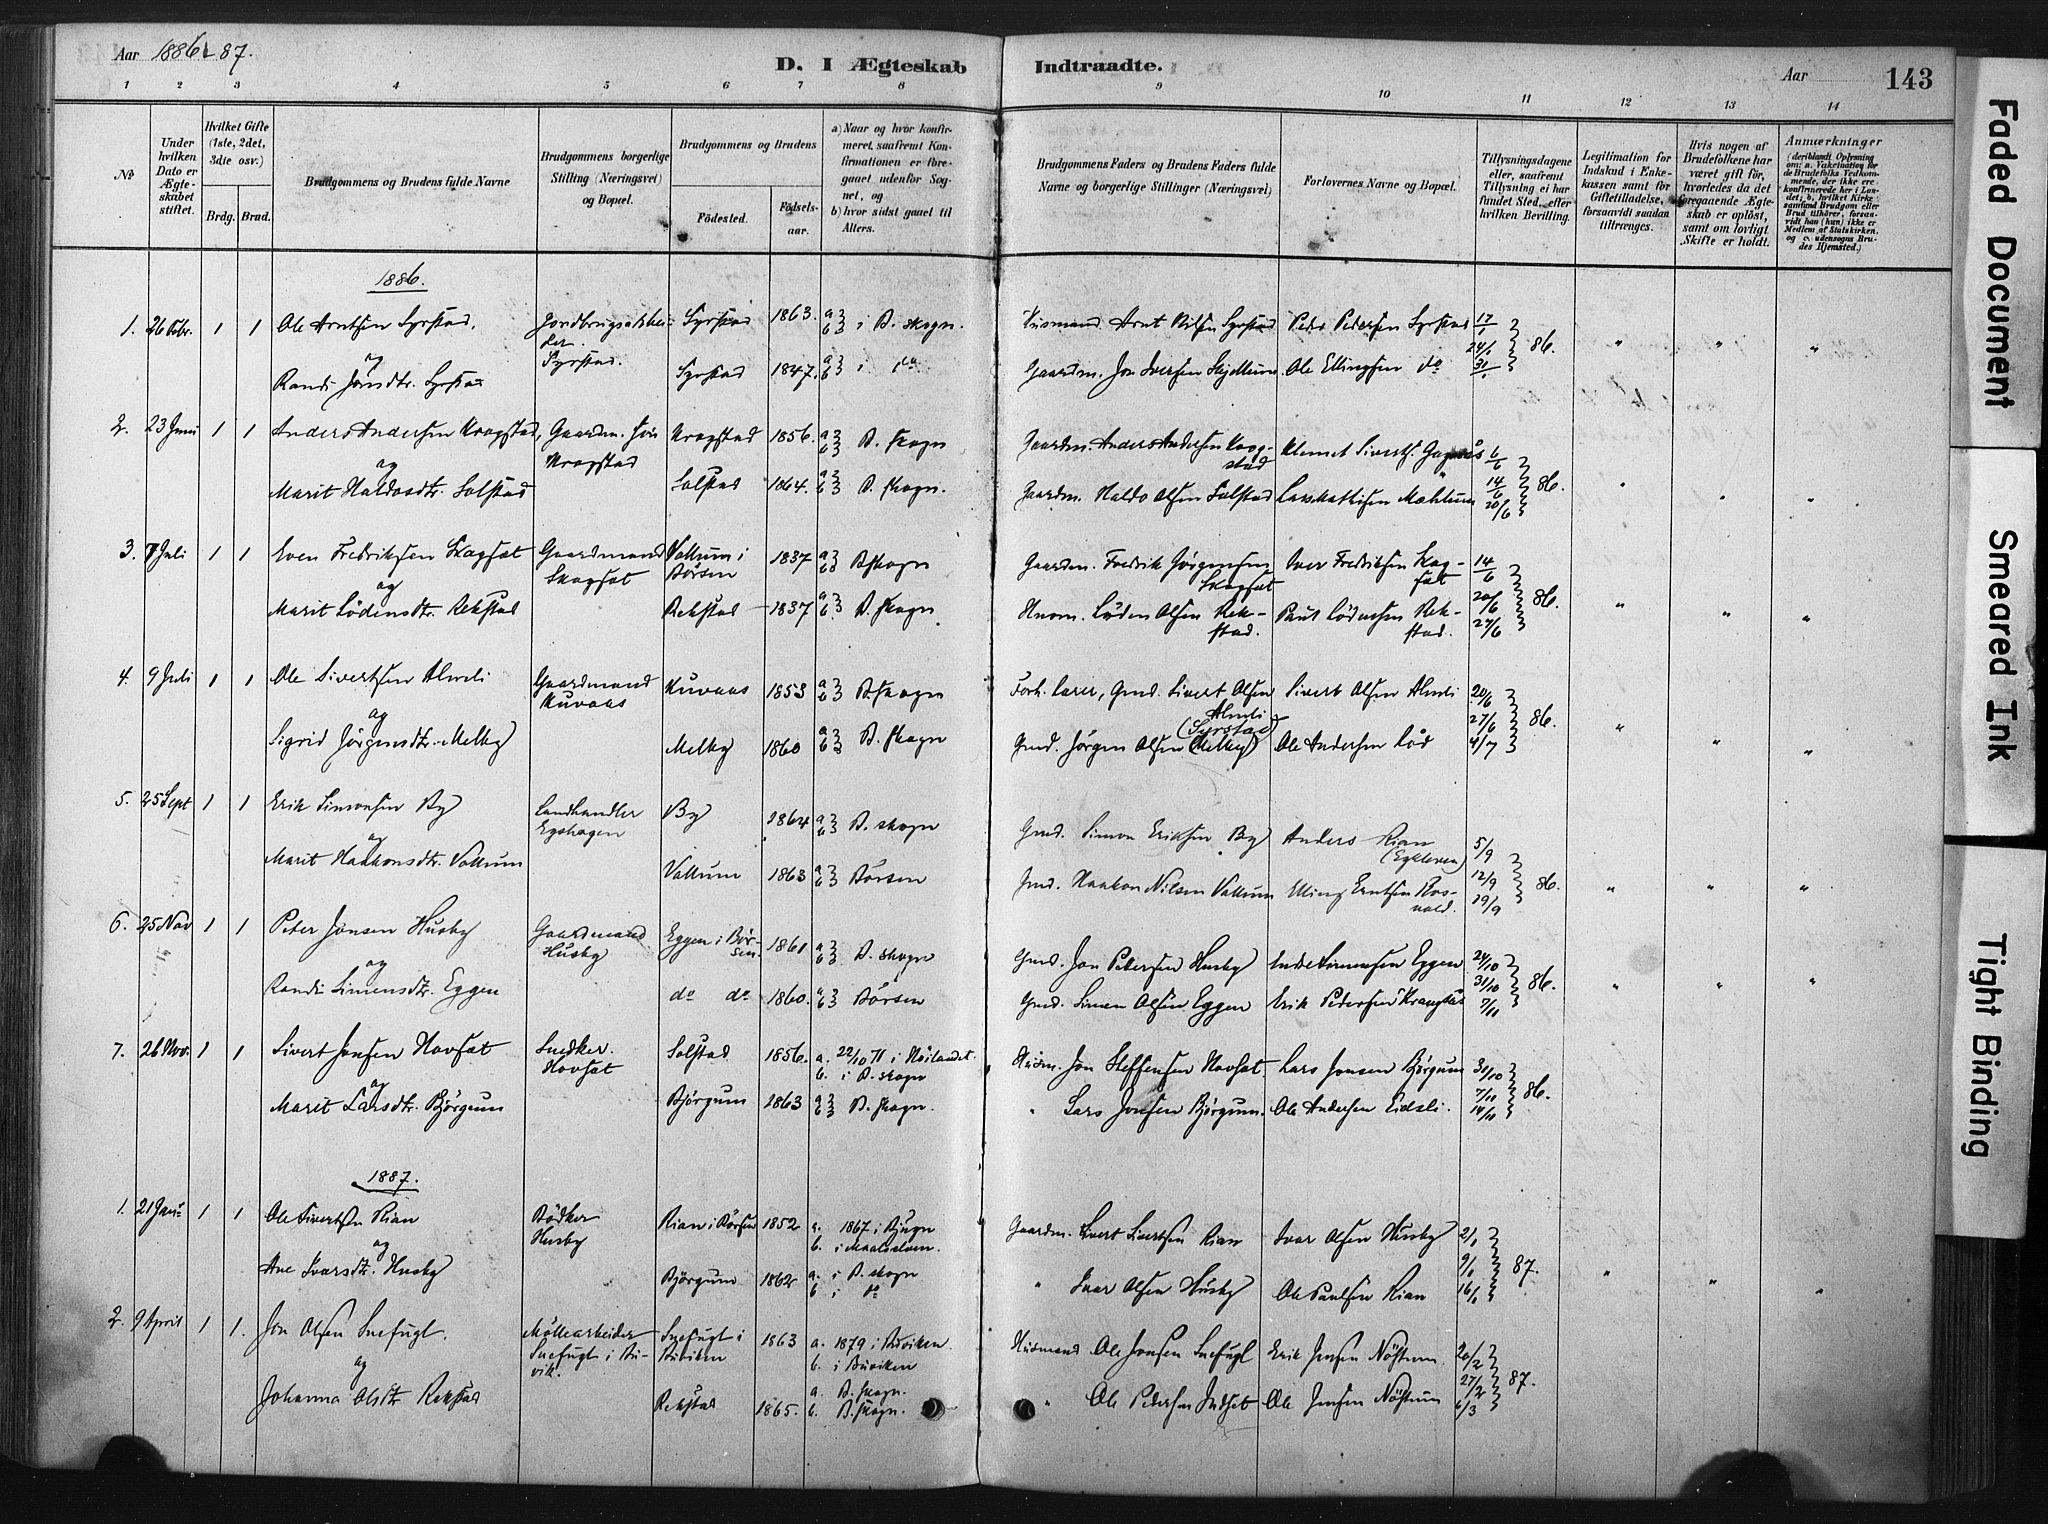 SAT, Ministerialprotokoller, klokkerbøker og fødselsregistre - Sør-Trøndelag, 667/L0795: Ministerialbok nr. 667A03, 1879-1907, s. 143